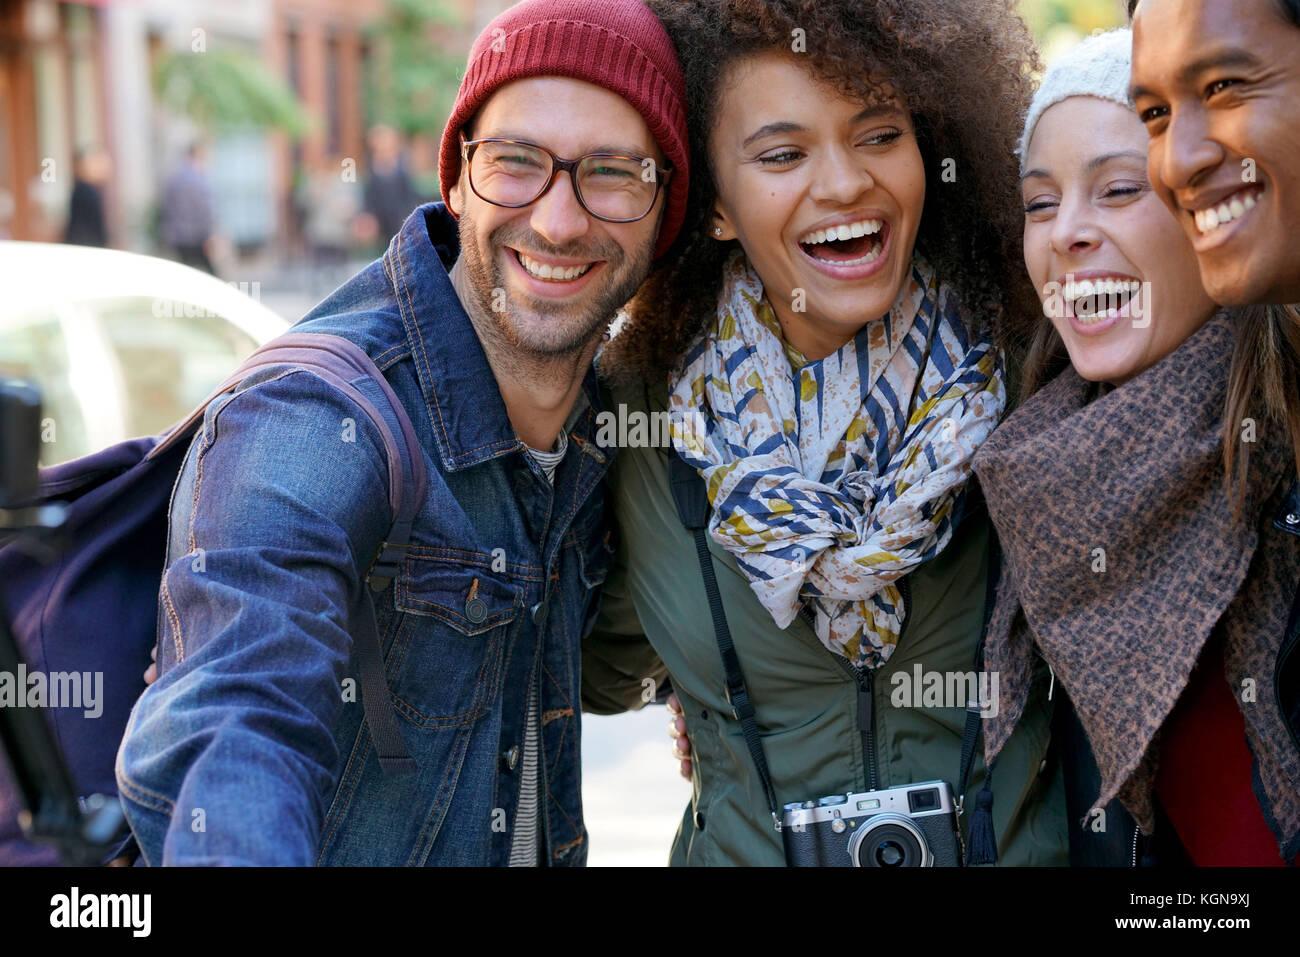 Groupe d'amis en vacances en tenant l'appareil photo avec Photo selfies Banque D'Images